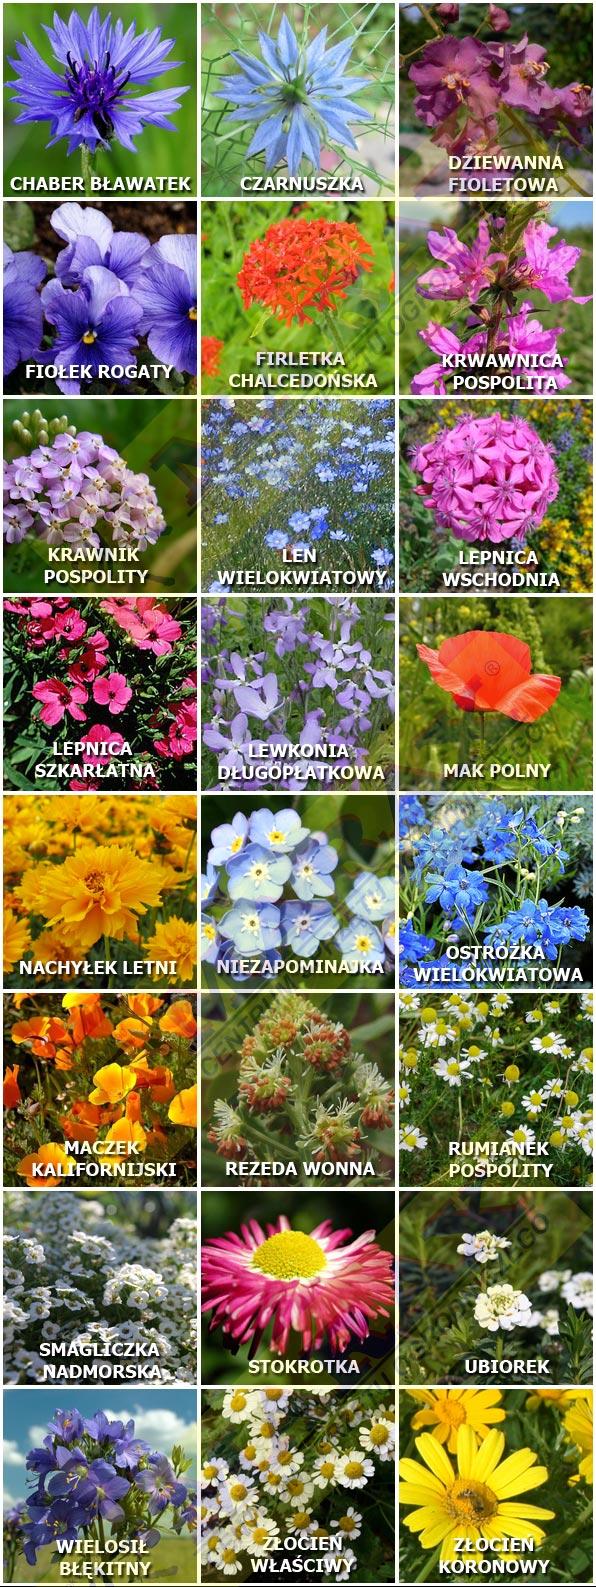 Kwiaty - 24 gatunki kwiatów w Łąka Kwietna GRAMINEX - MARAX